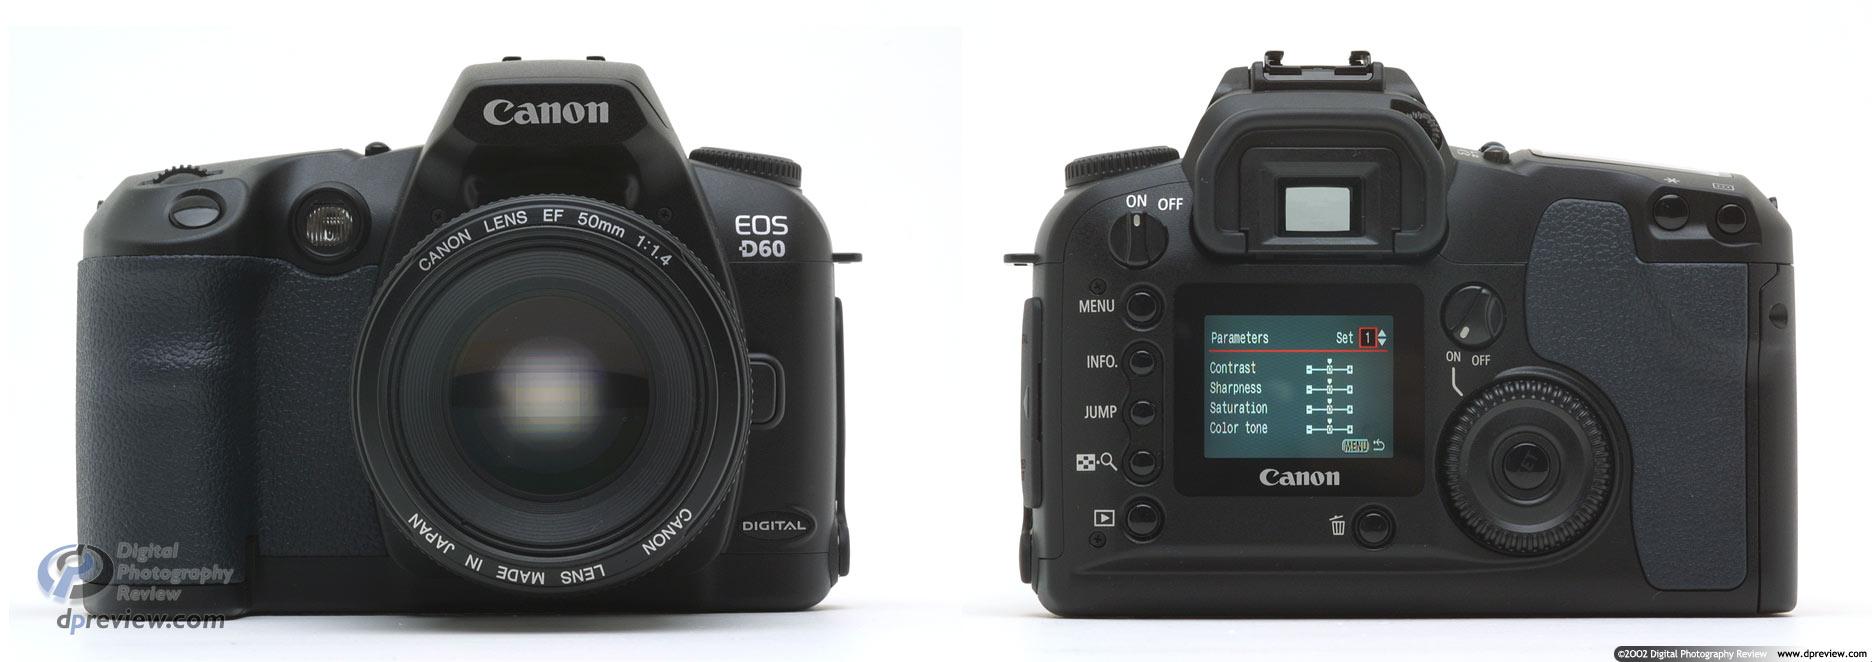 canon eos d60 6 megapixel d slr digital photography review rh dpreview com Canon EOS D30 canon eos d60 user manual